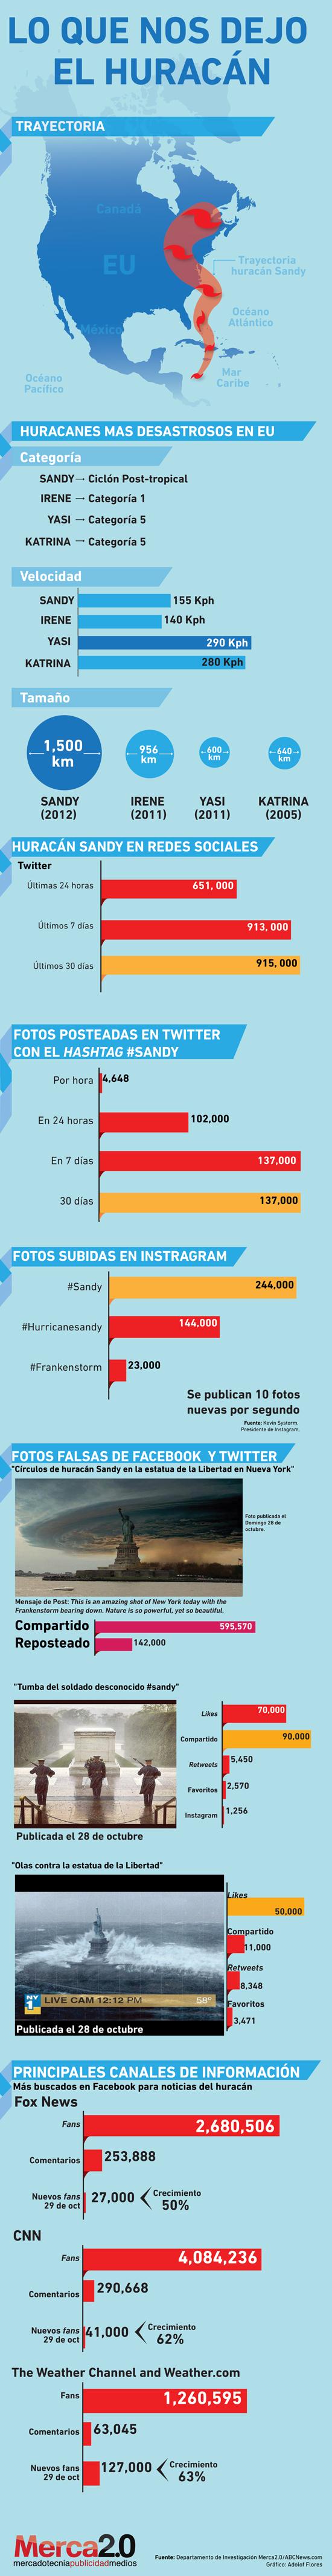 Huracán Sandy en las redes sociales